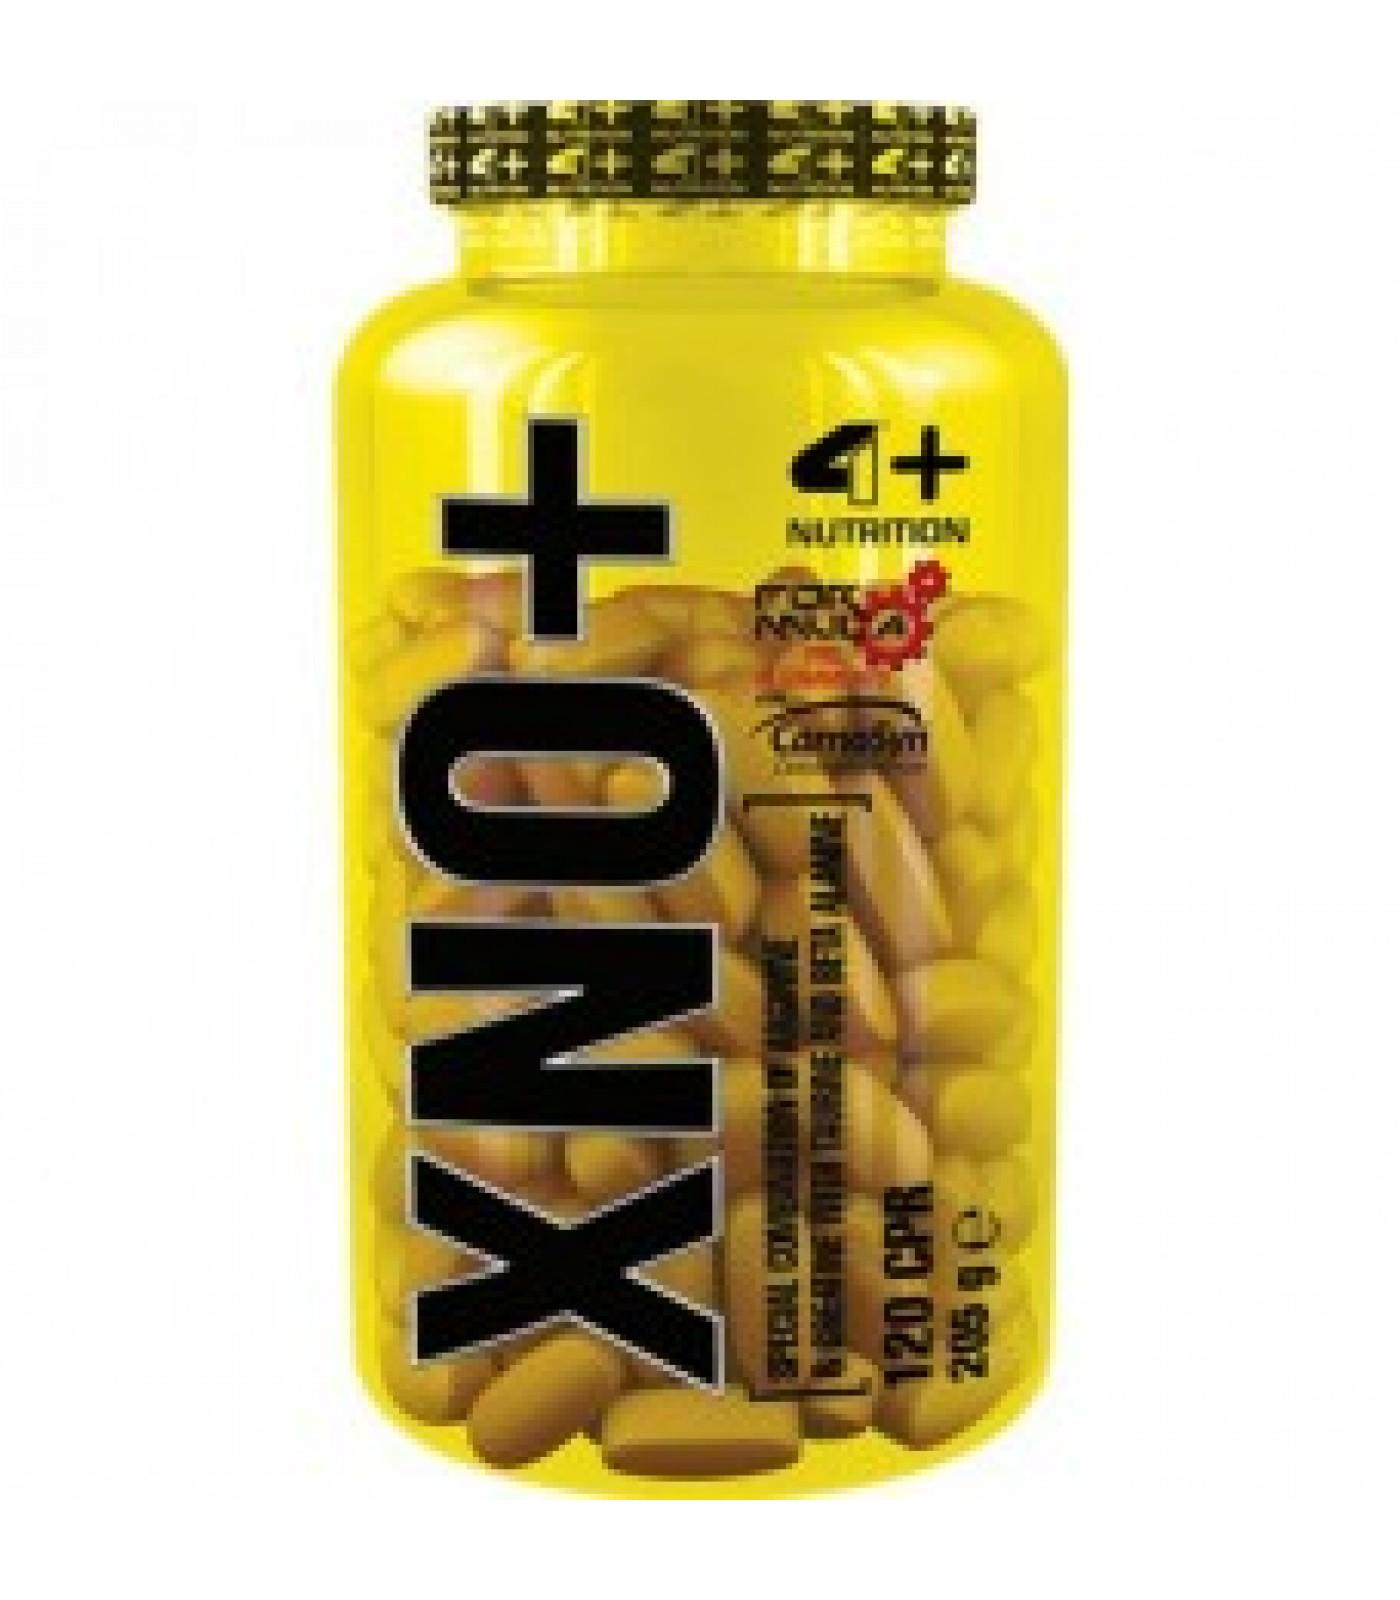 4+ Nutrition XNO+ 224 табл.